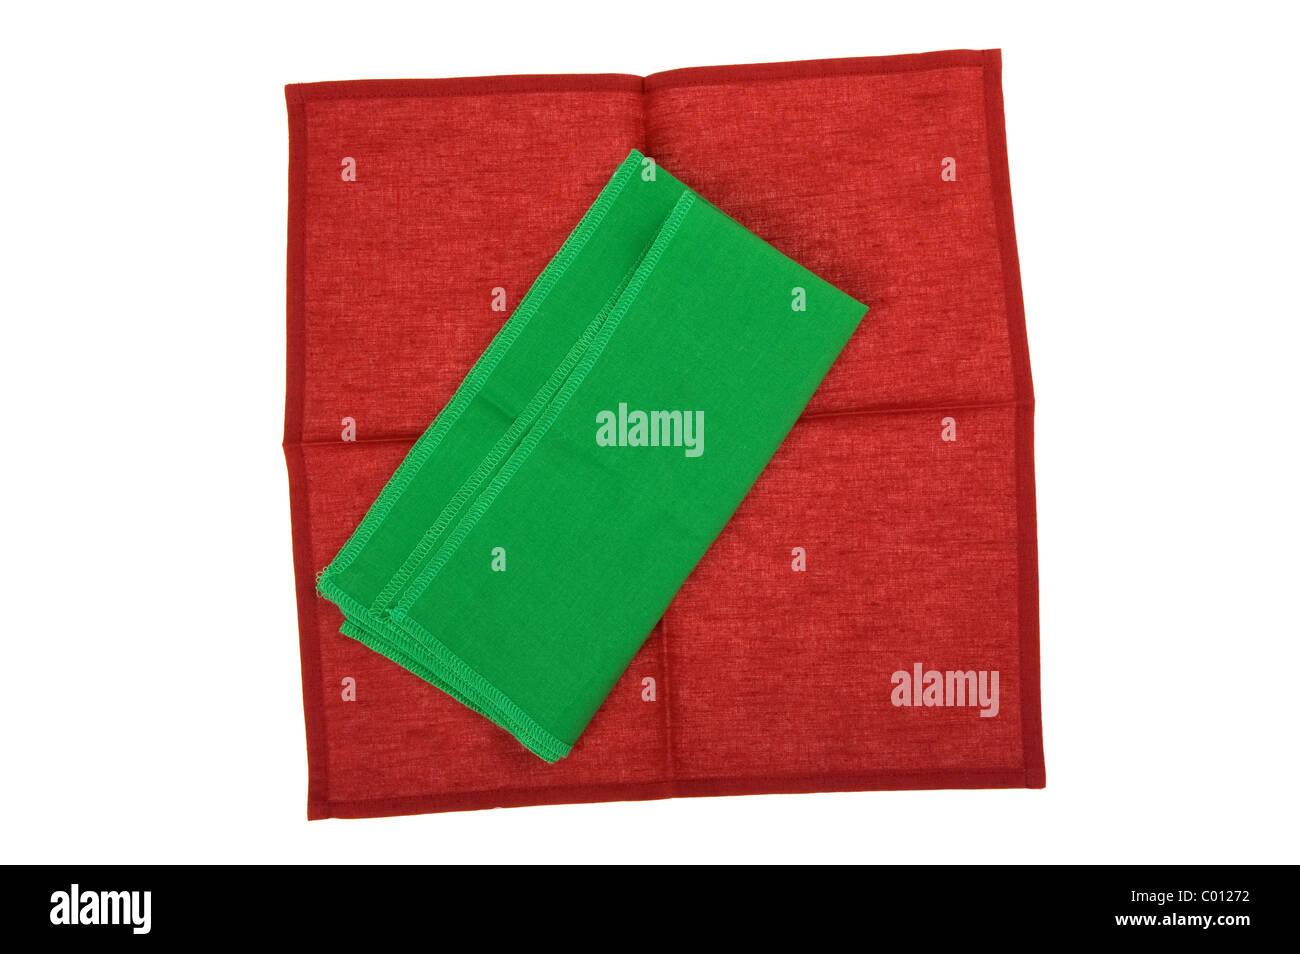 object on white - napkin close up - Stock Image